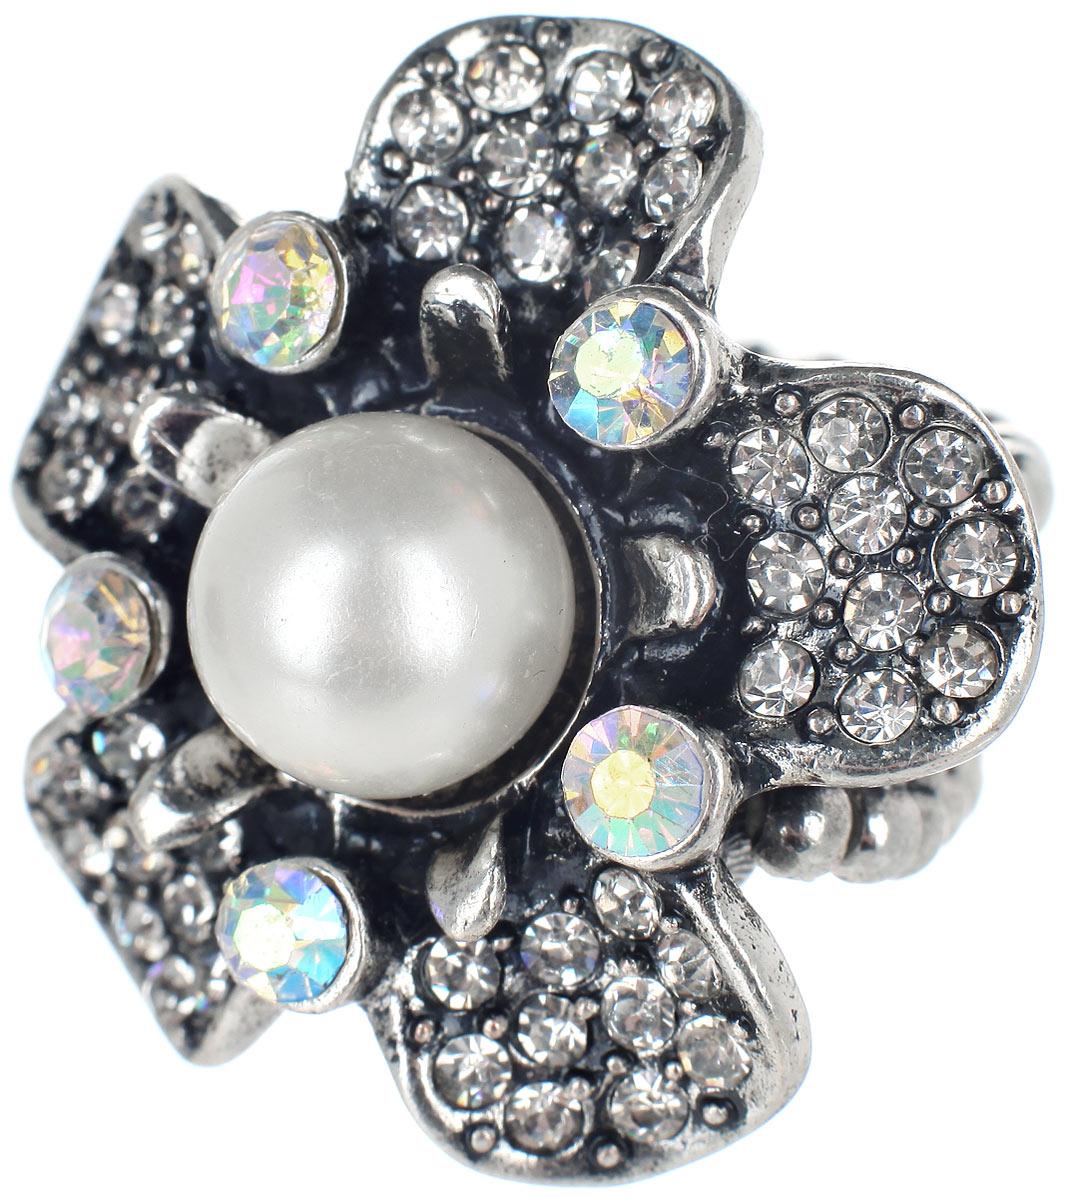 Кольцо Taya, цвет: серебристый, белый. T-B-733039864|Серьги с подвескамиСтильное кольцо Taya, выполненное из металлического сплава в форме цветка, оформлено бусиной и стразами. Элементы кольца соединены между собой при помощи тонкой резинки, благодаря которой изделие имеет универсальный размер. Его легко снимать и надевать.Такое кольцо внесет изюминку в любой образ и подчеркнет индивидуальность.